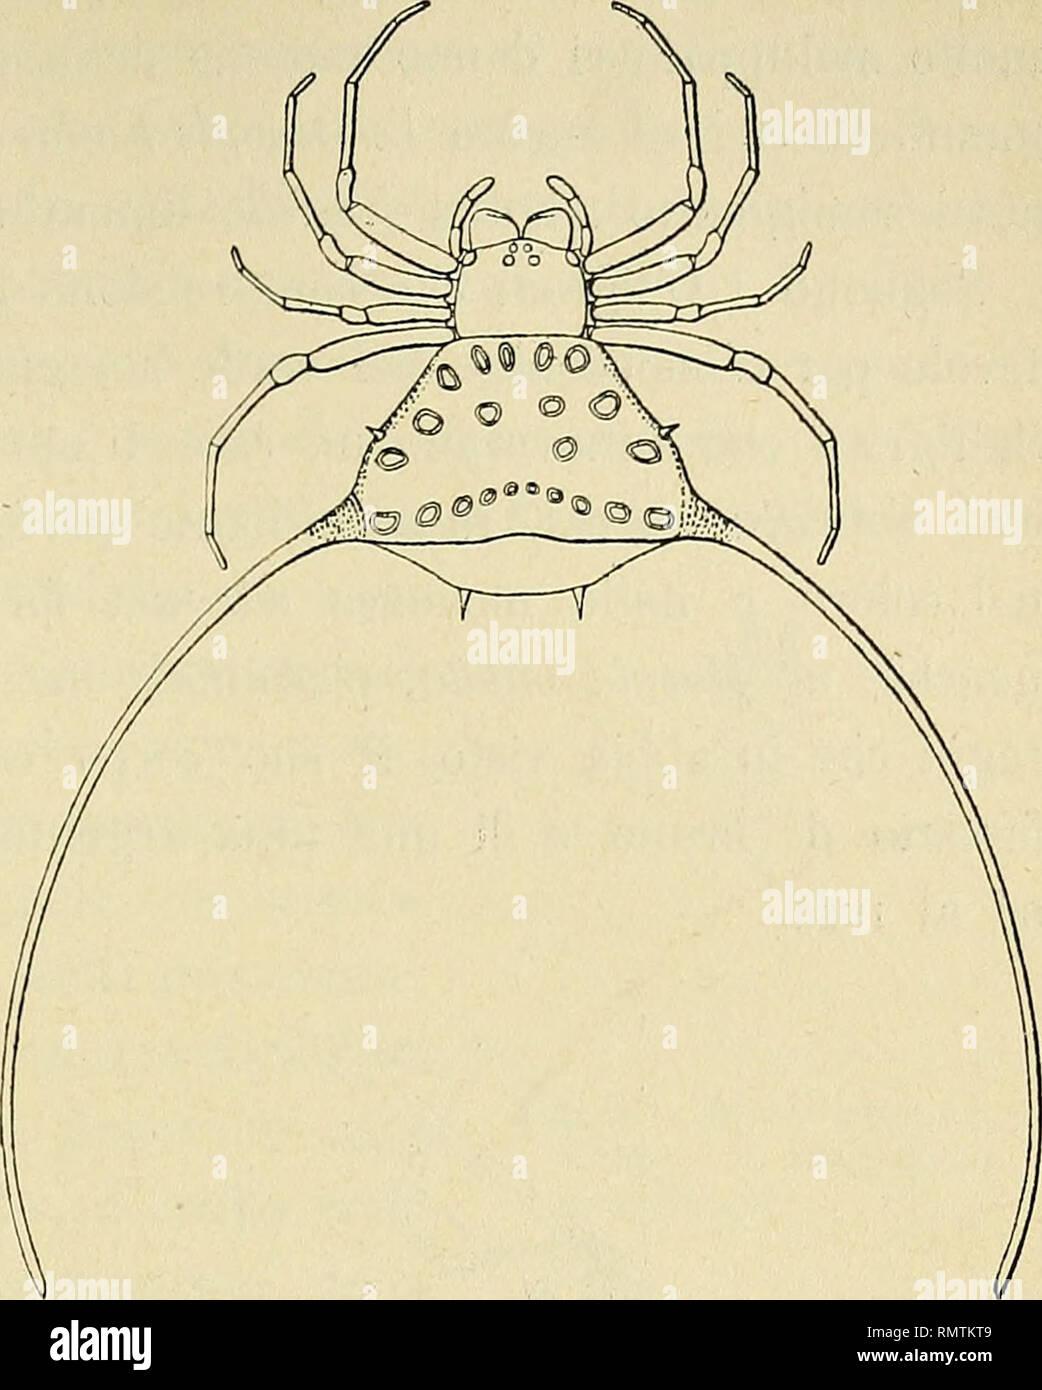 . Annali del Museo civico di storia naturale di Genova. Natural history. VIAGGIO ZOOLOGICO IN BIRMANIA 637 la Pledano, arcuata sfoggia su ciascun fianco un' appendice spi- niforme, incurvata, lunga tre o quattro volte il suo corpo. S'intende che par- lando della Nephila maculata,, della Plec- tana arcuata e delle Gasteracantha in ge- nerale ho inteso di alludere alle femmi- ne ; i maschi per quanto se ne sa o è lecito inferirne, sono umili creature desti- tuite delle salienti peculiarità estetiche sfoggiate dalle prime ed hanno dimensioni molto inferiori alle medesime ; infatti, come è noto, i - Stock Image